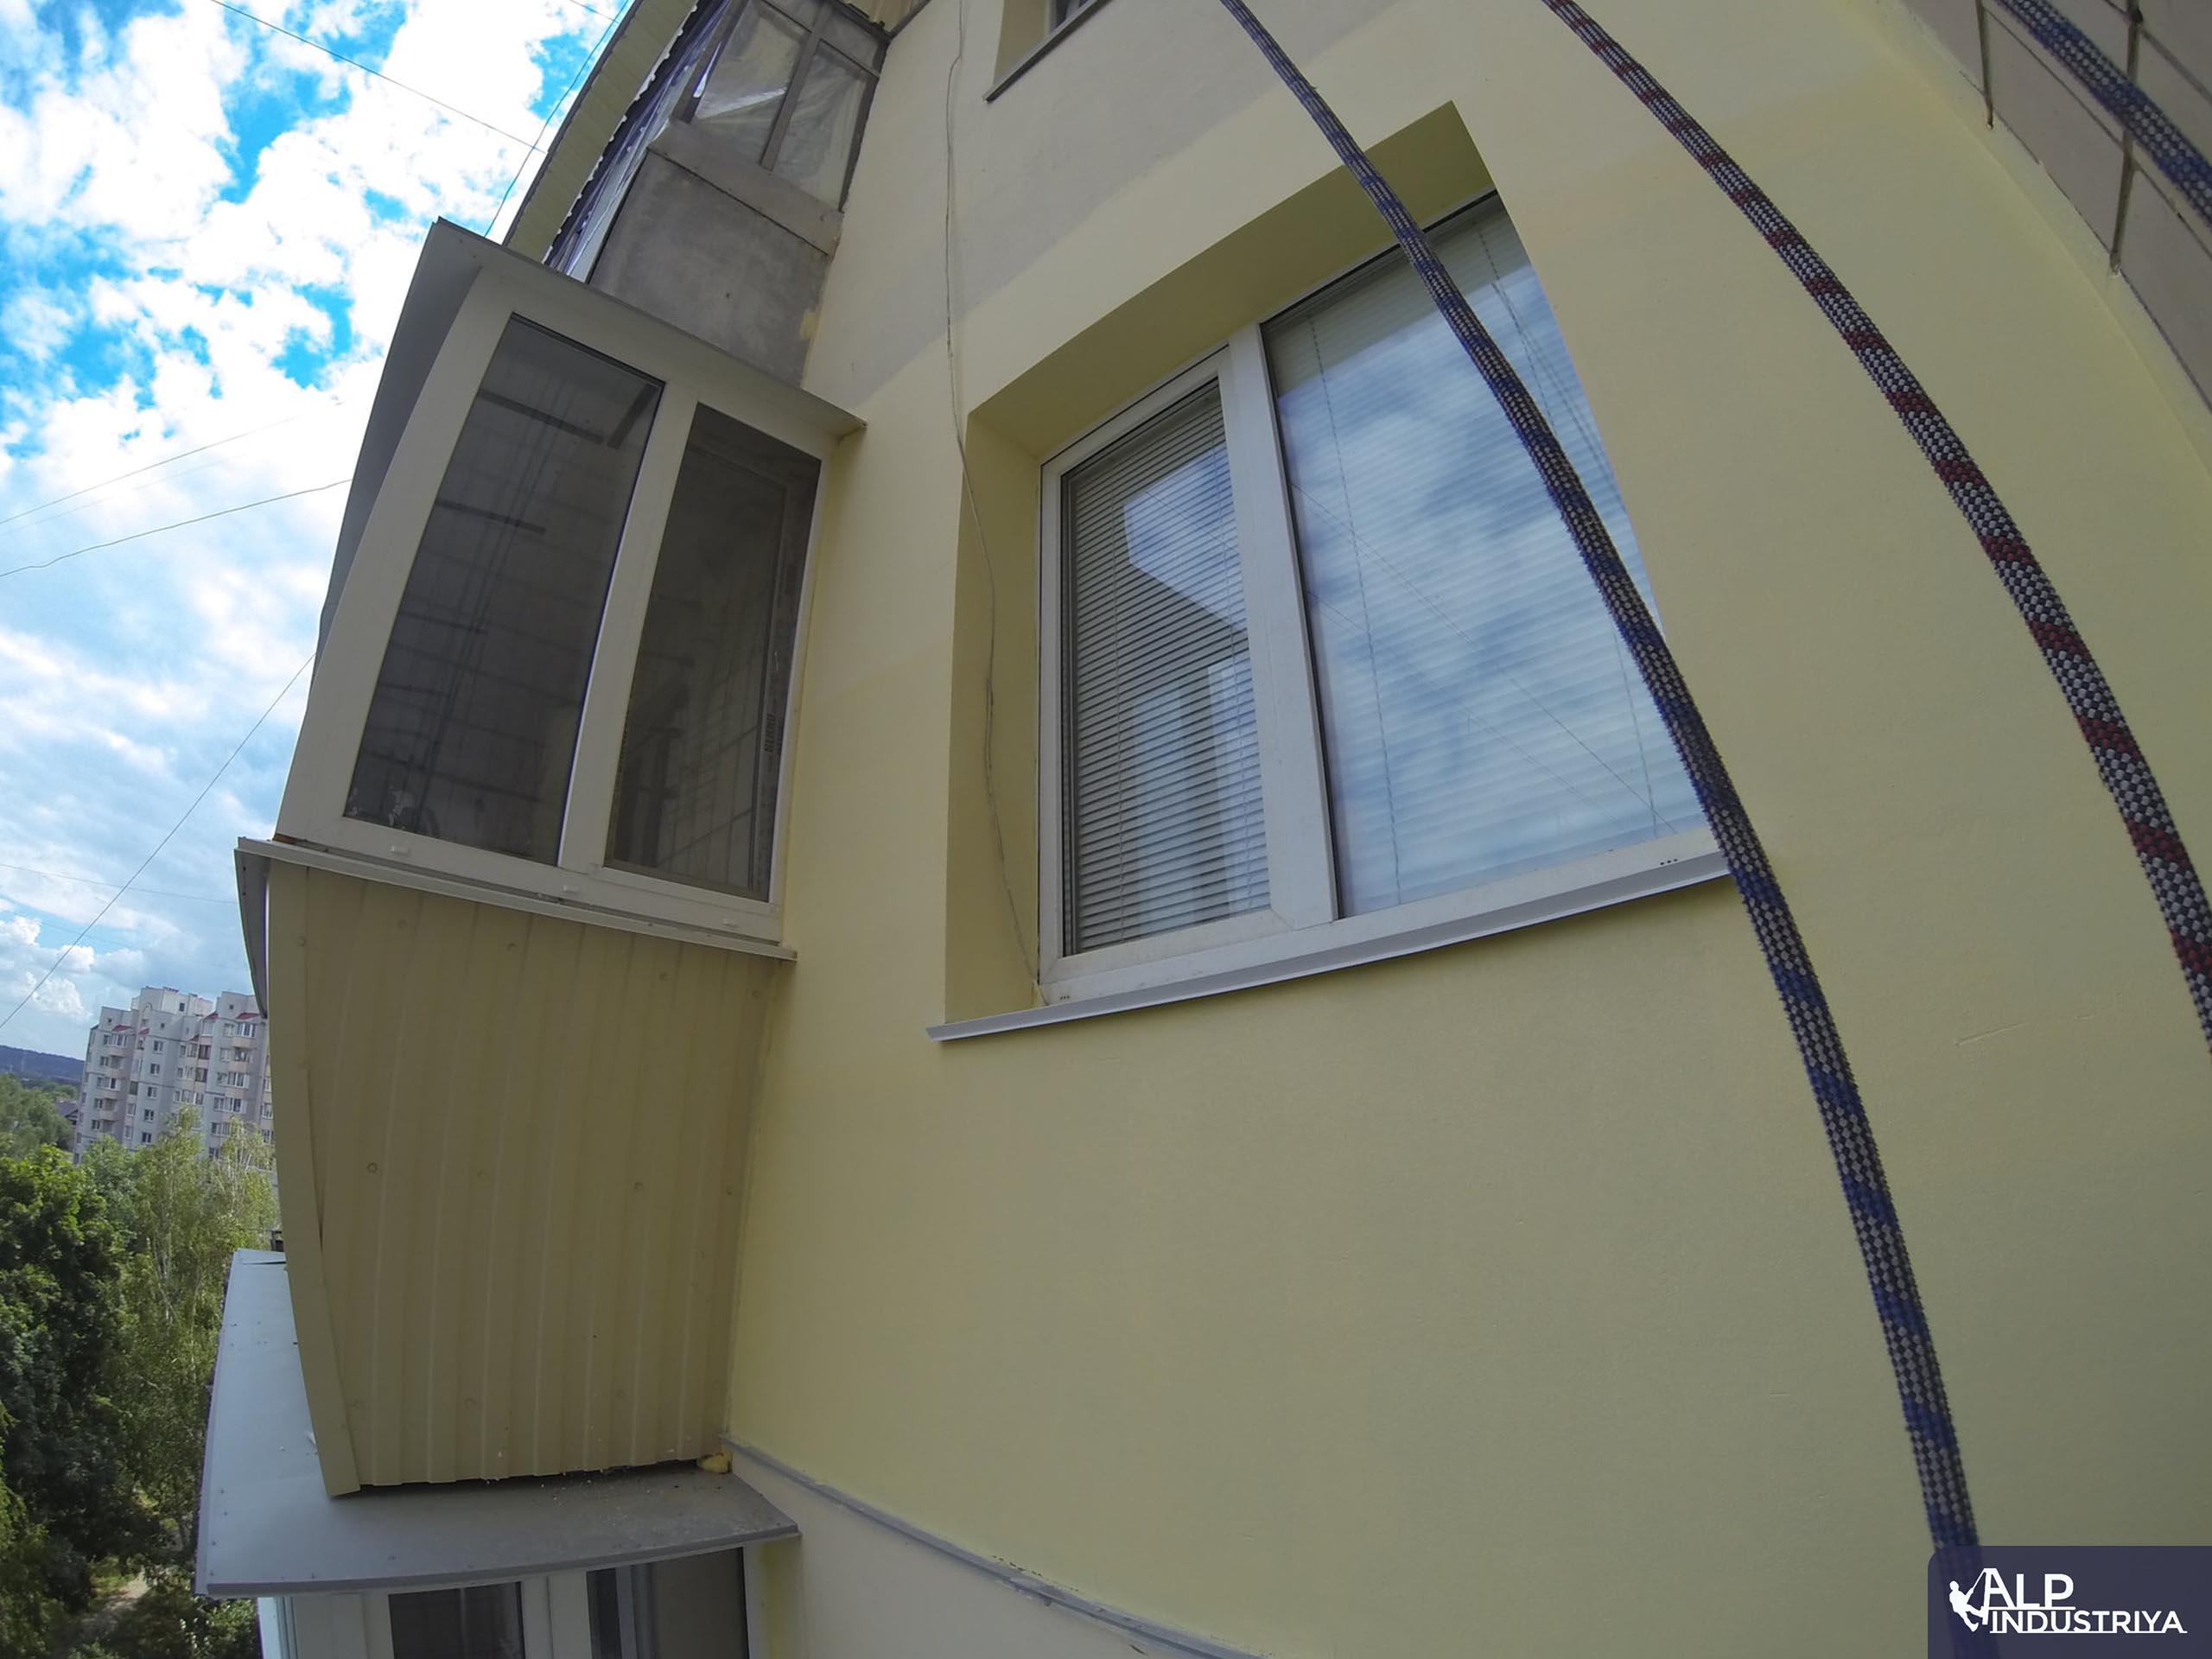 Утепление фасада многоэтажки методом промышленного альпинизма-1